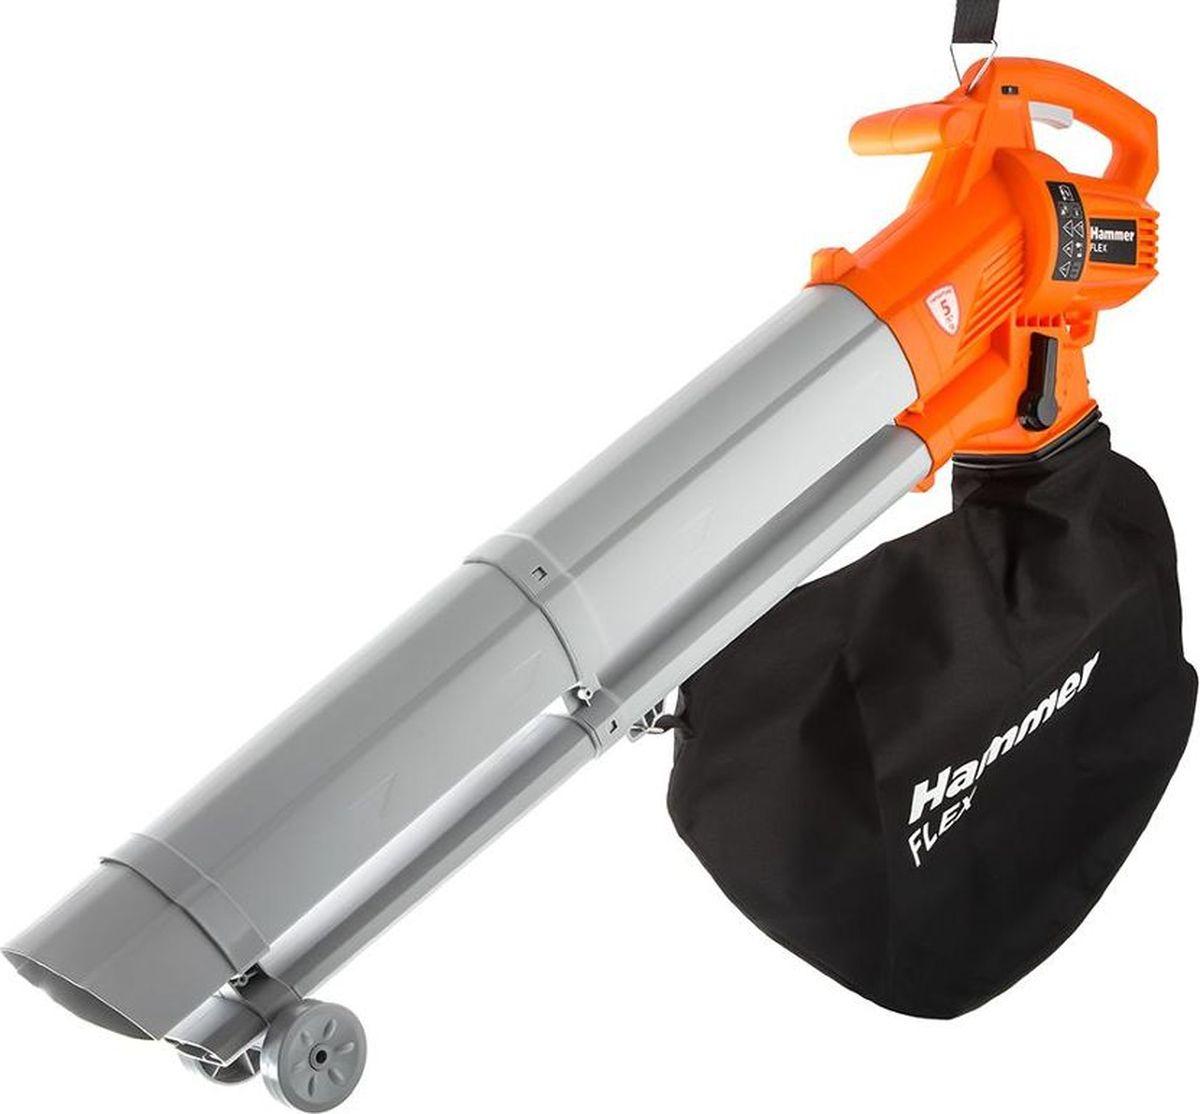 Воздуходувка Hammer Flex VZD2000, электрическая adriatica часы adriatica 1105 51b3qf коллекция gents